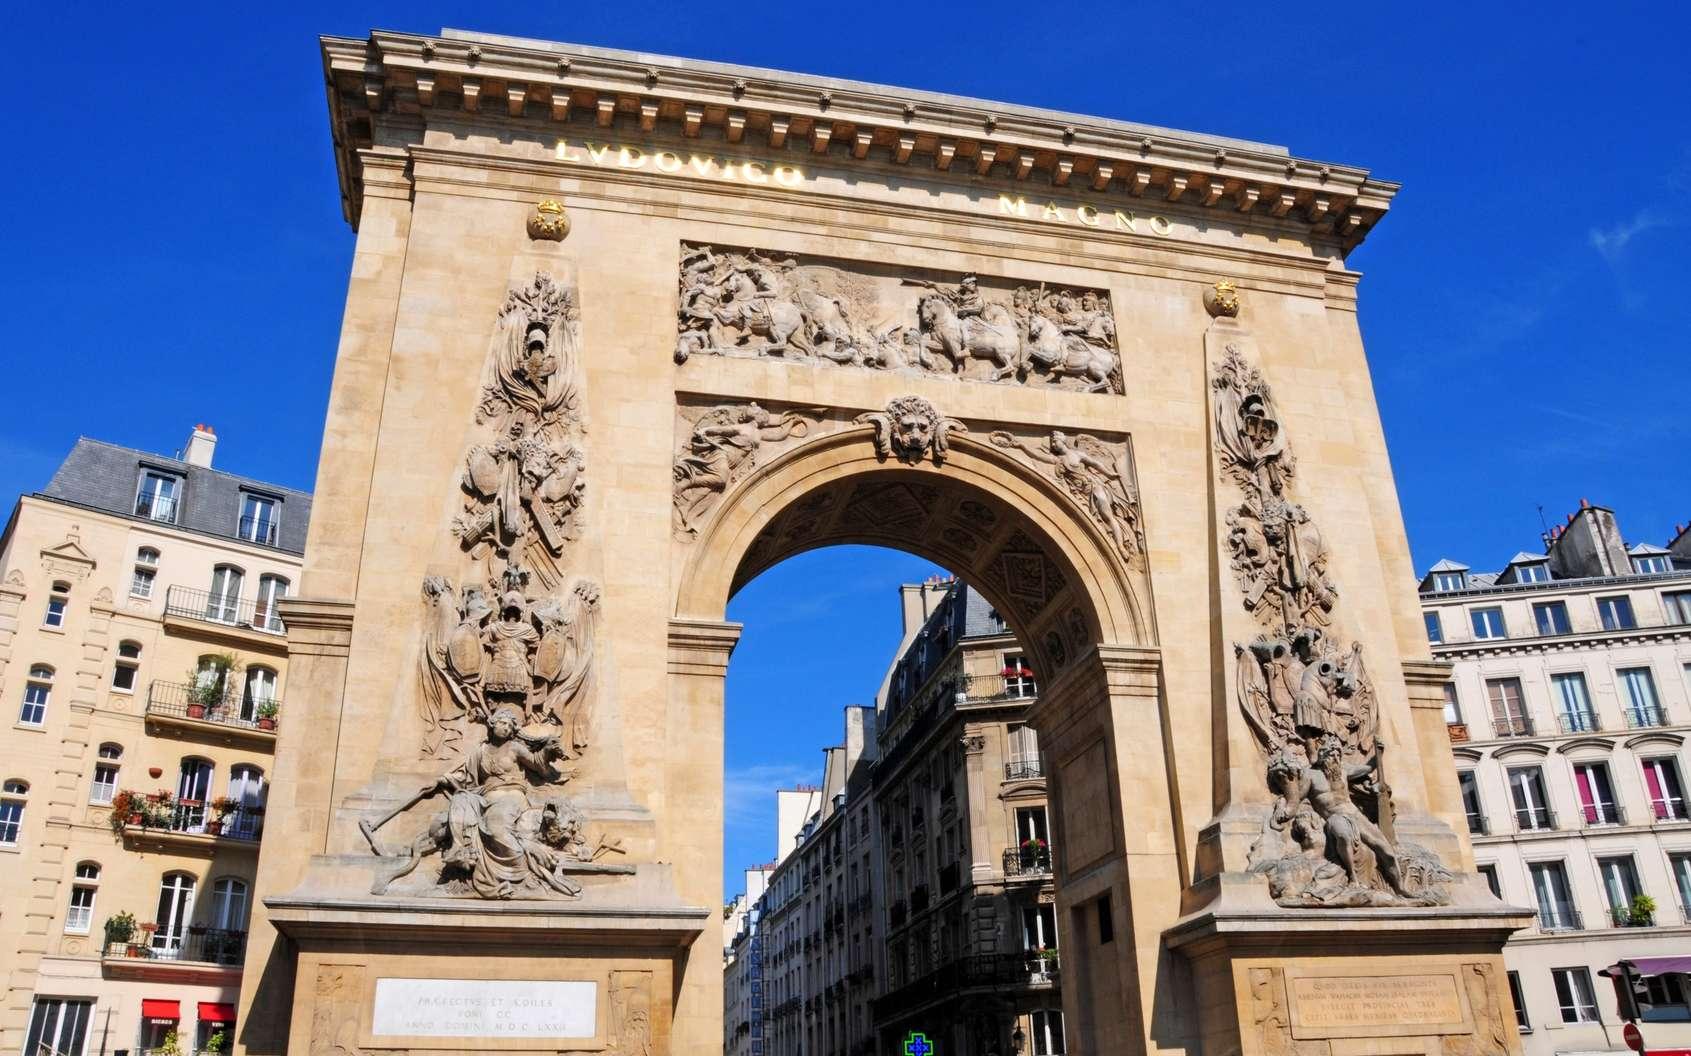 La porte Saint-Denis à Paris est classée monument historique depuis 1862. © Arap, fotolia